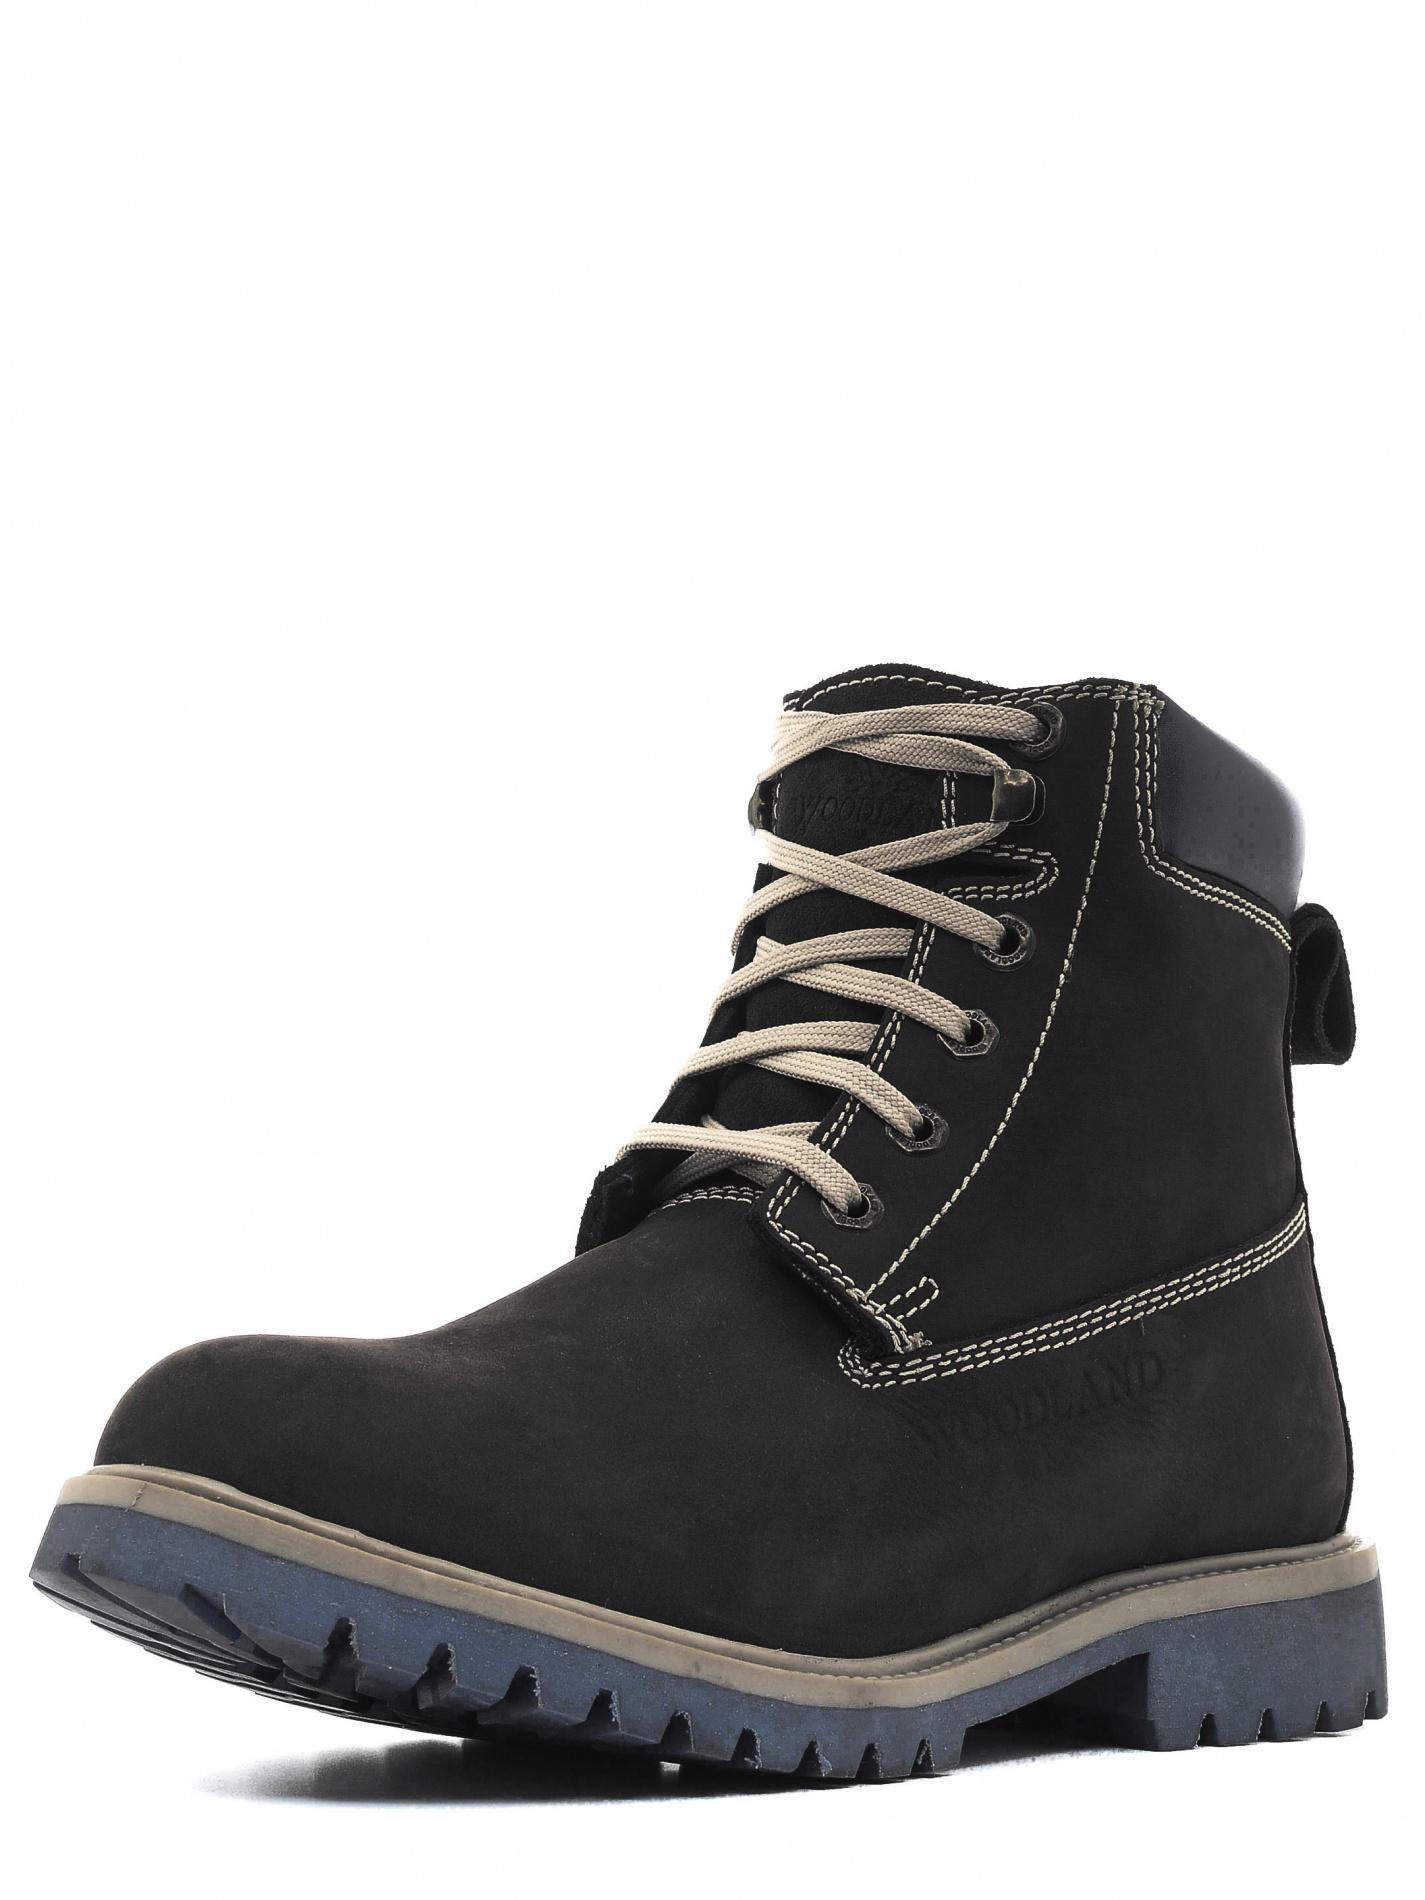 Ботинки мужские, треккинговые, чёрные GB1276113F Ботинки для трекинга<br>Удобные высокие ботинки из натурального <br>нубука. Комфортная, теплая подкладка и мягкая <br>стелька из искусственного меха согревают <br>ноги в сырую и холодную погоду. Гибкая, износостойкая <br>подошва из термопластичной резины (ТПР) <br>обладает противоскользящими свойствами <br>и устойчива к перепадам температур. Протектор <br>подошвы предотвращает скольжение. На заднике <br>модели - специальная петля для удобства <br>надевани<br><br>Пол: мужской<br>Размер: 44<br>Сезон: демисезонный<br>Цвет: черный